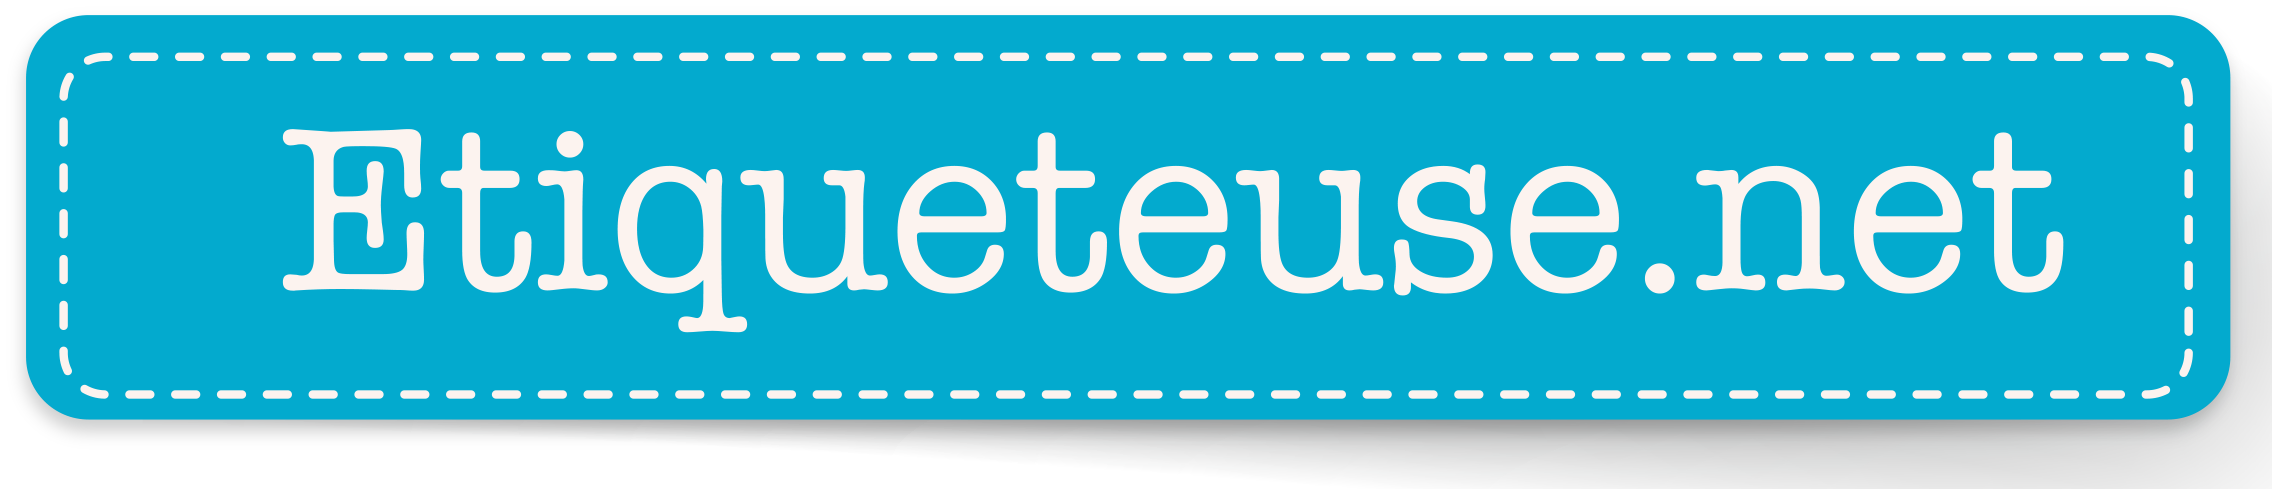 etiqueteuse.net - Avis test et comparatif 2019 meilleures etiqueteuses